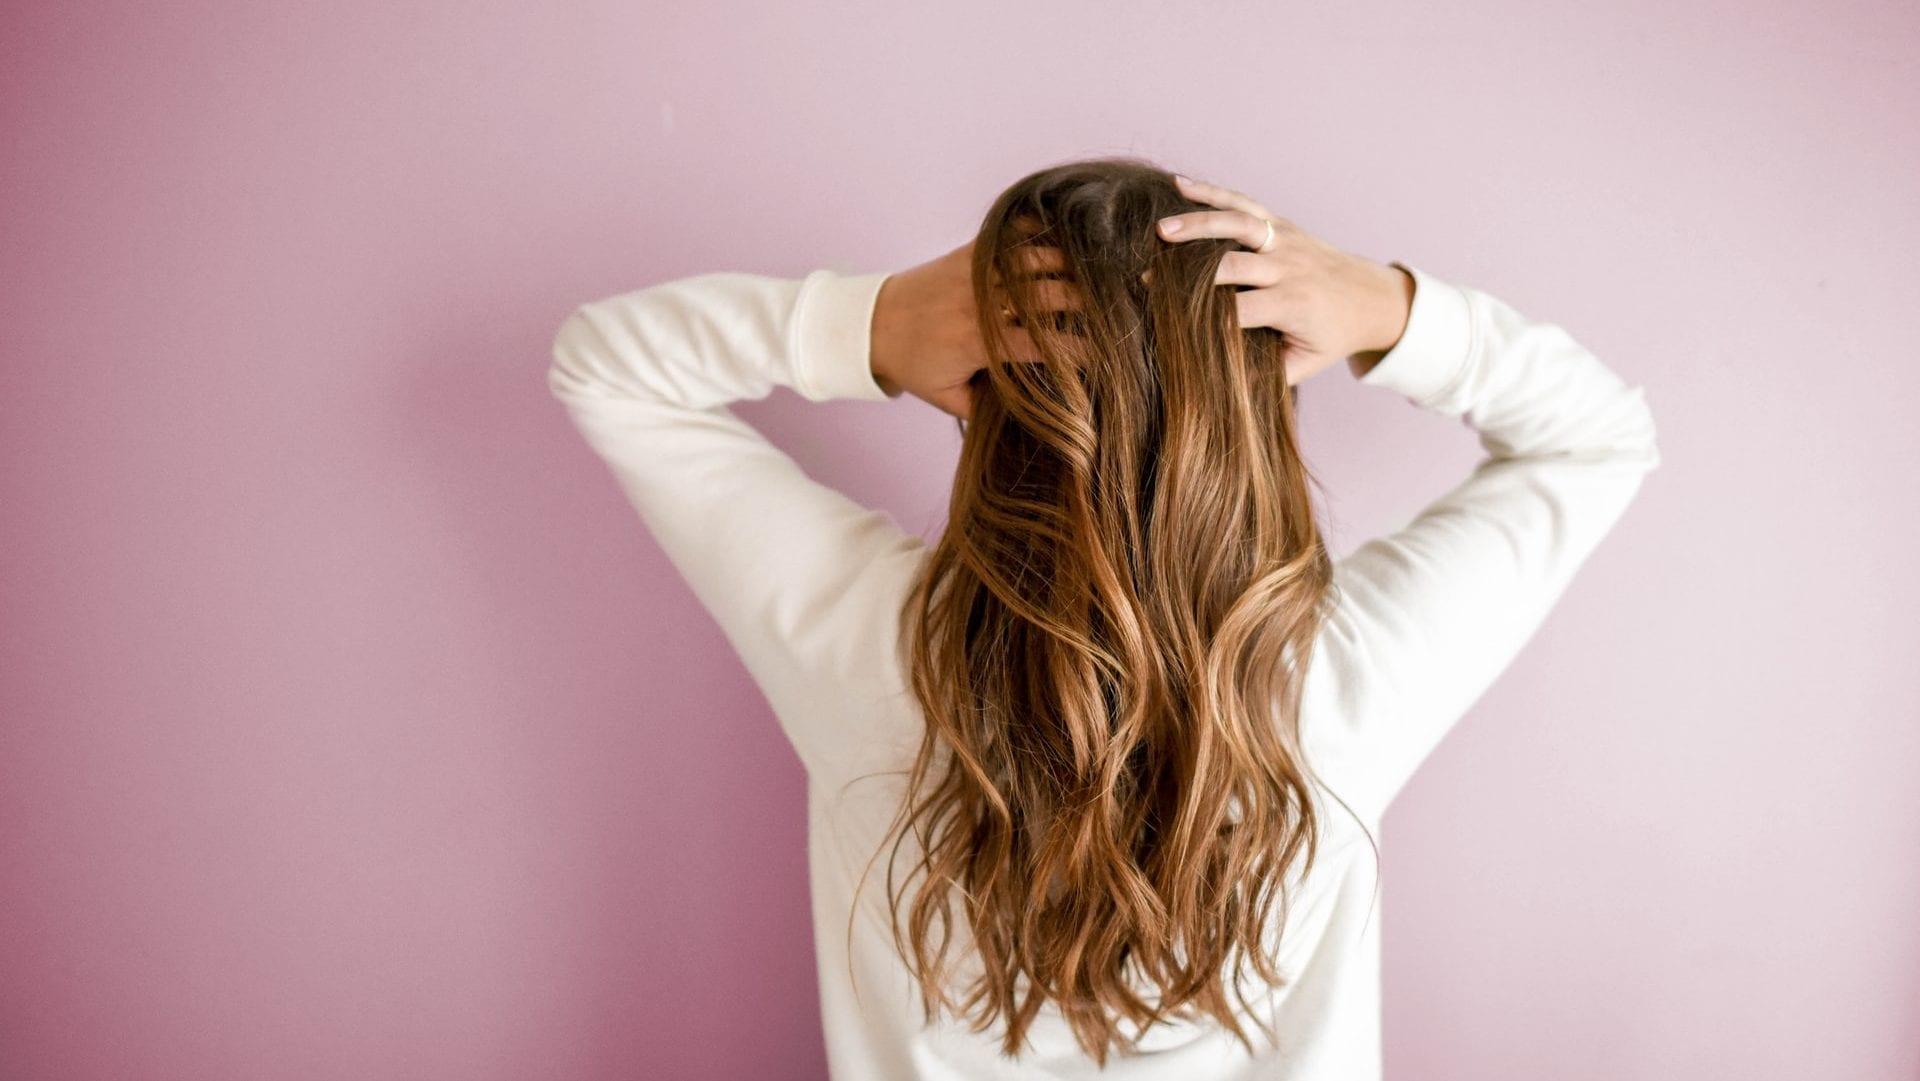 Persoon met lang haar, op roze achtergrond, achteraanzicht